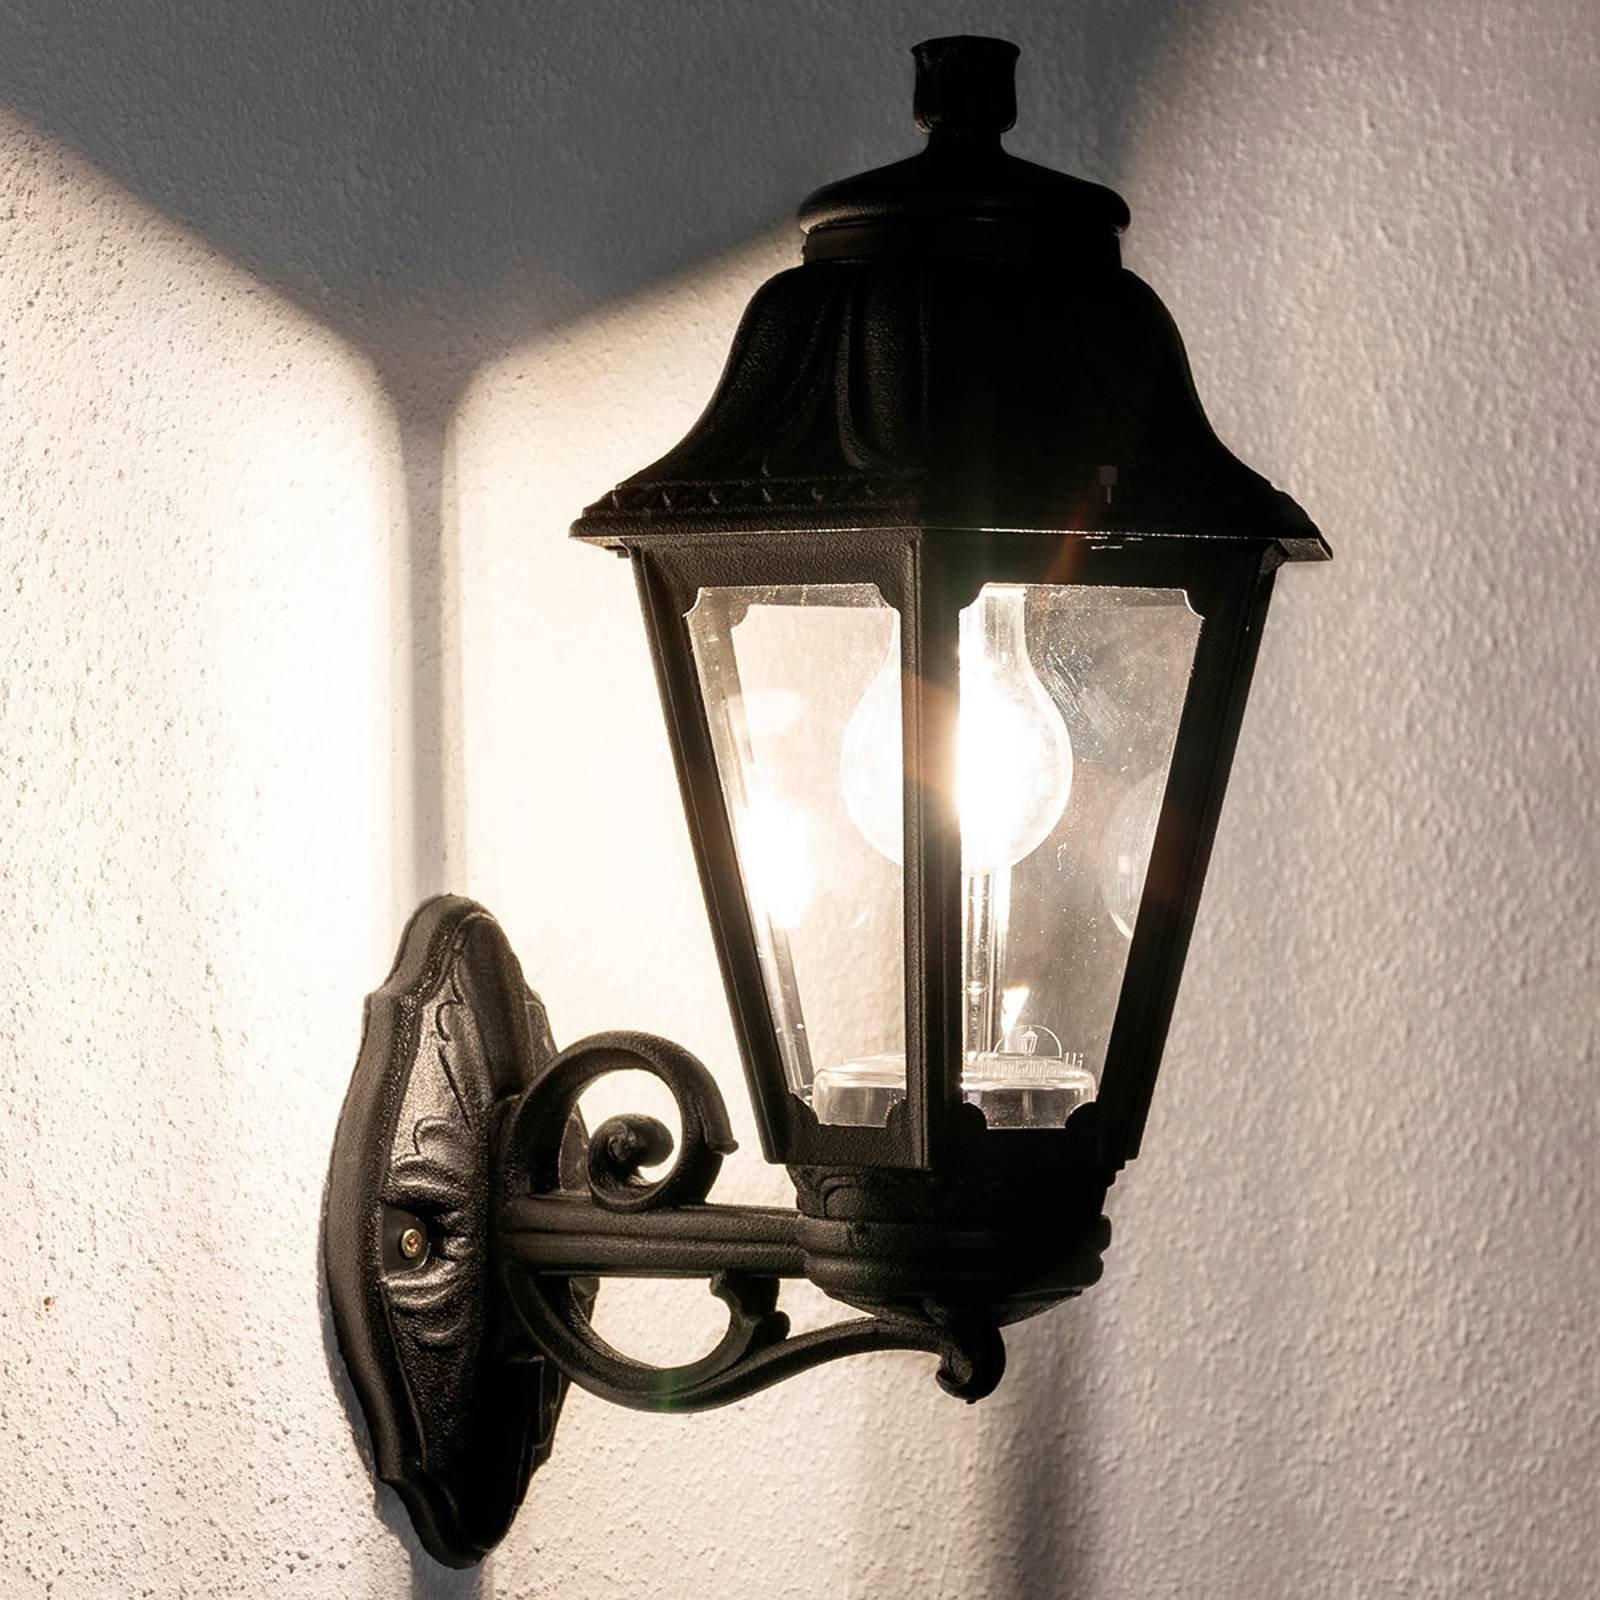 LED-vegglampe Bisso Anna E27 svart oppover